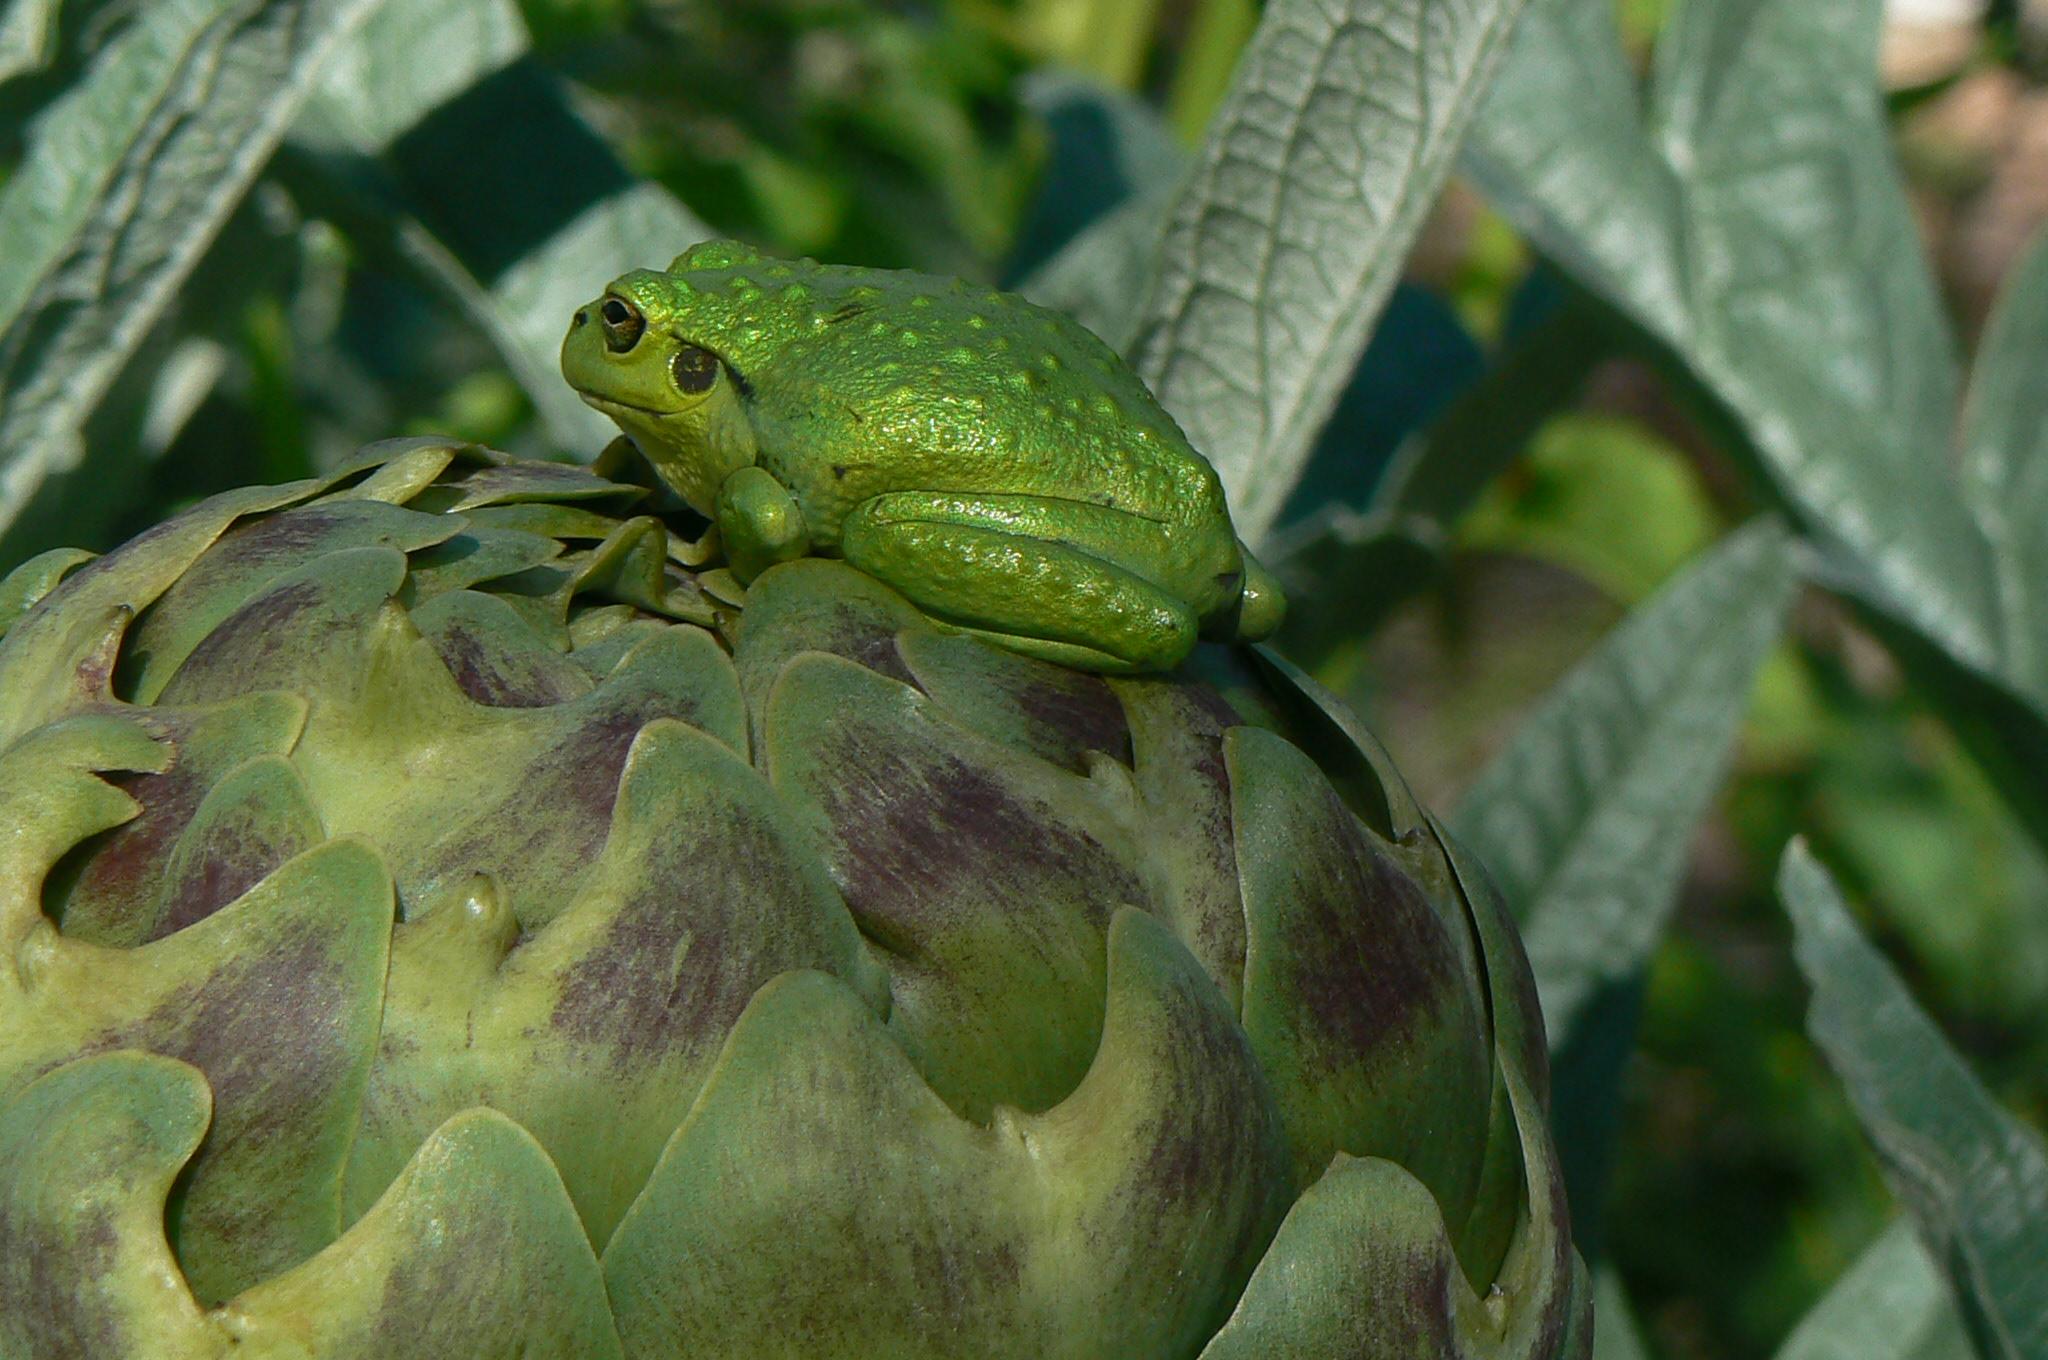 Motorbike frog in garden